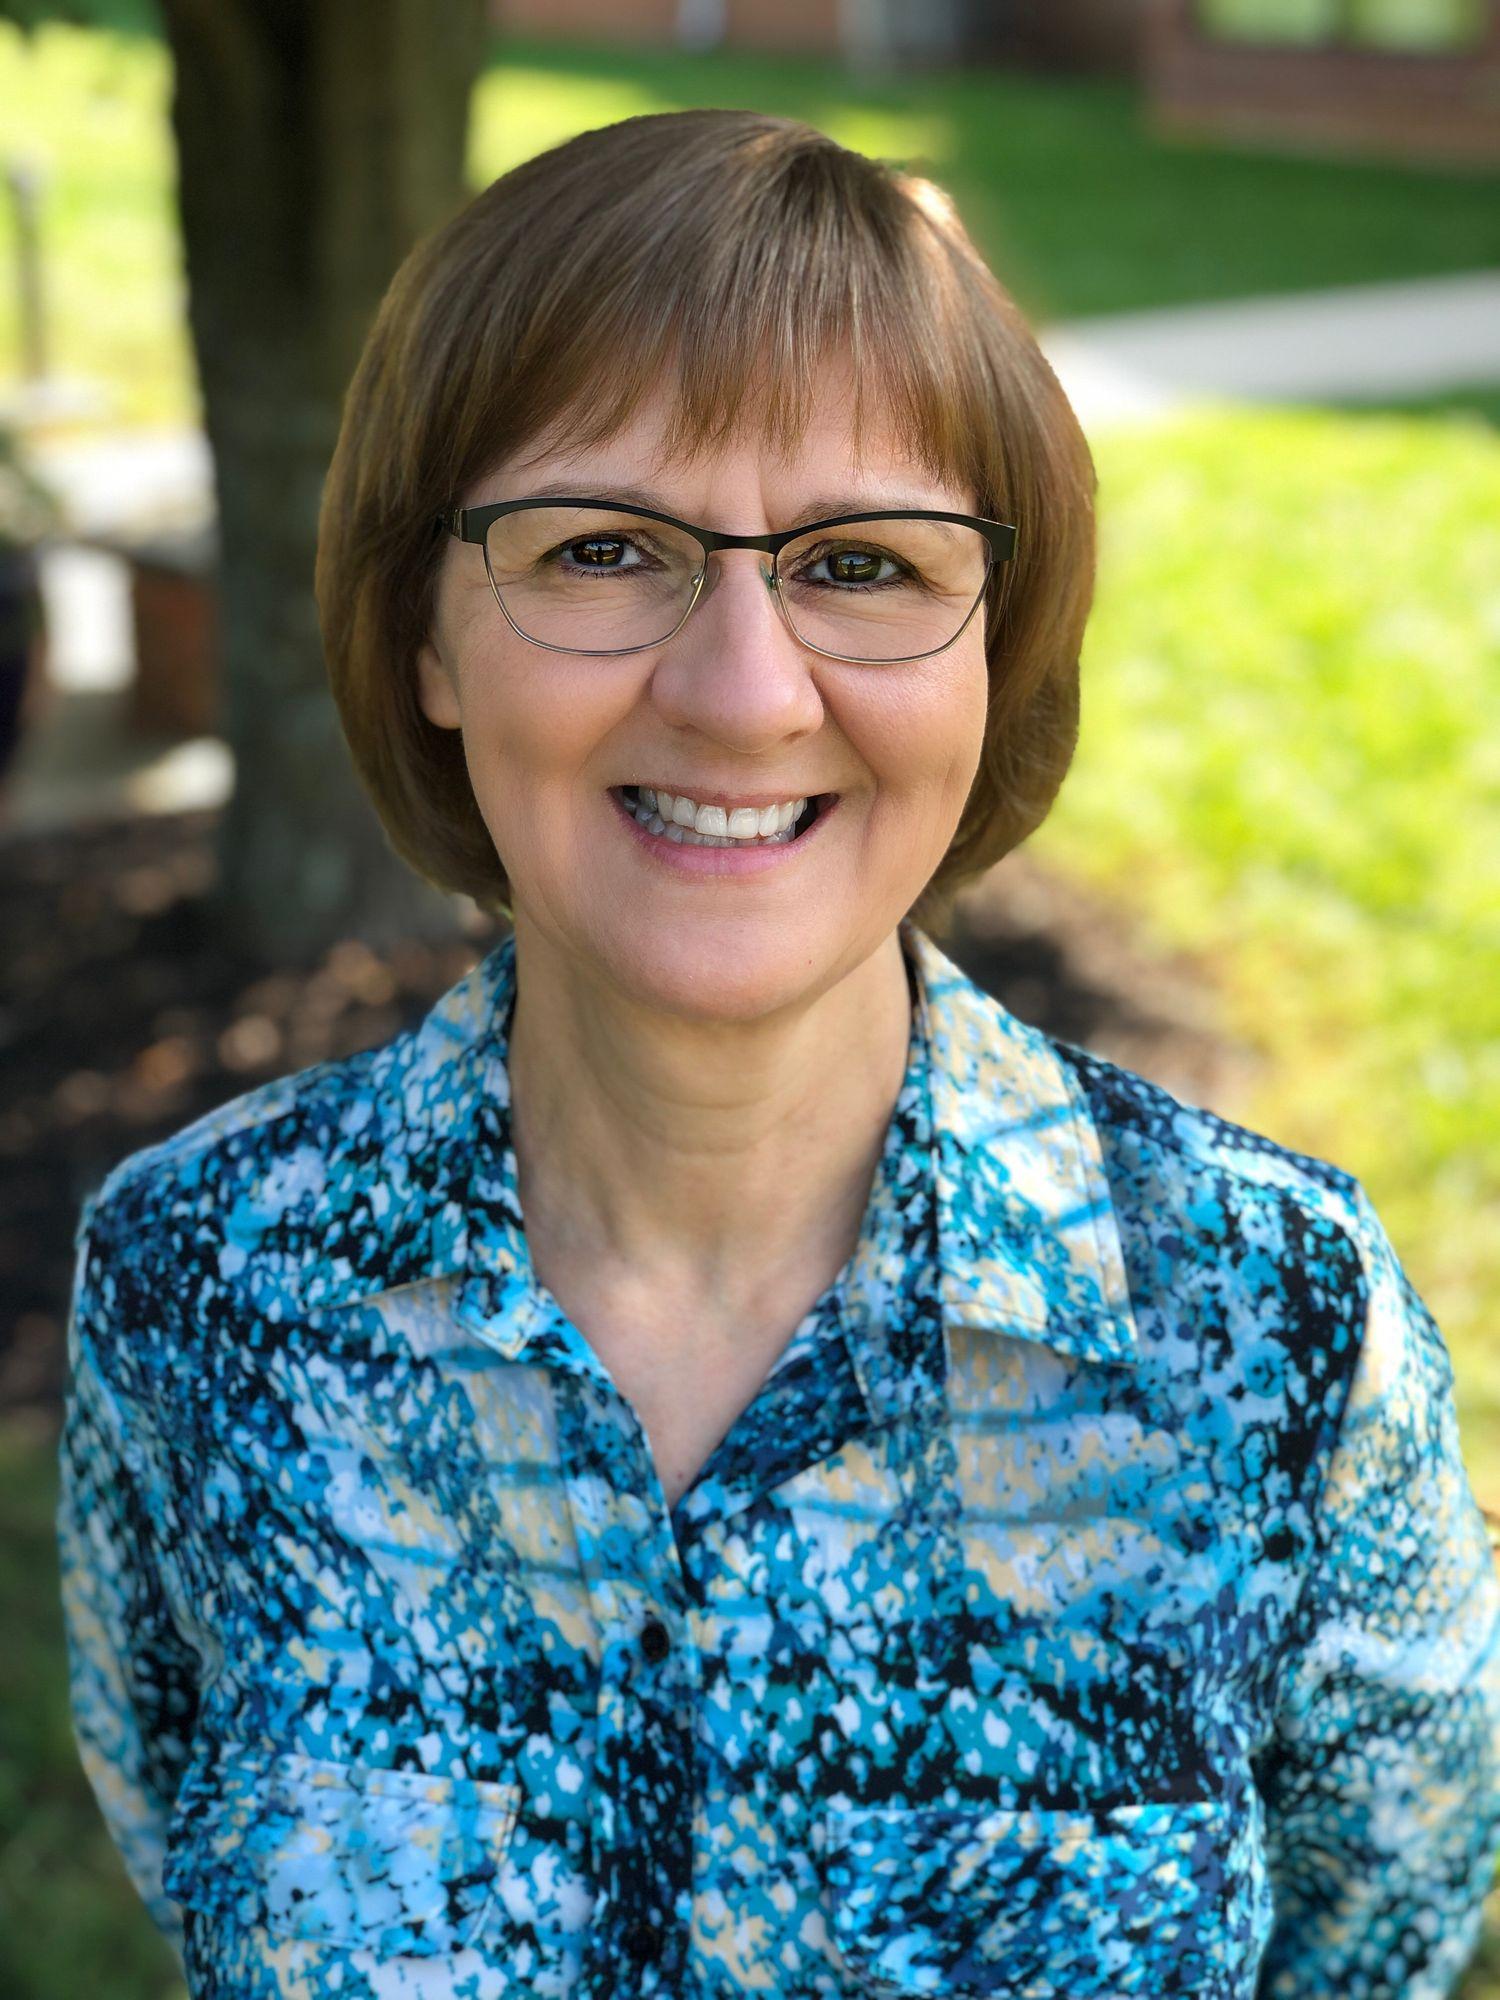 Joyce Barr